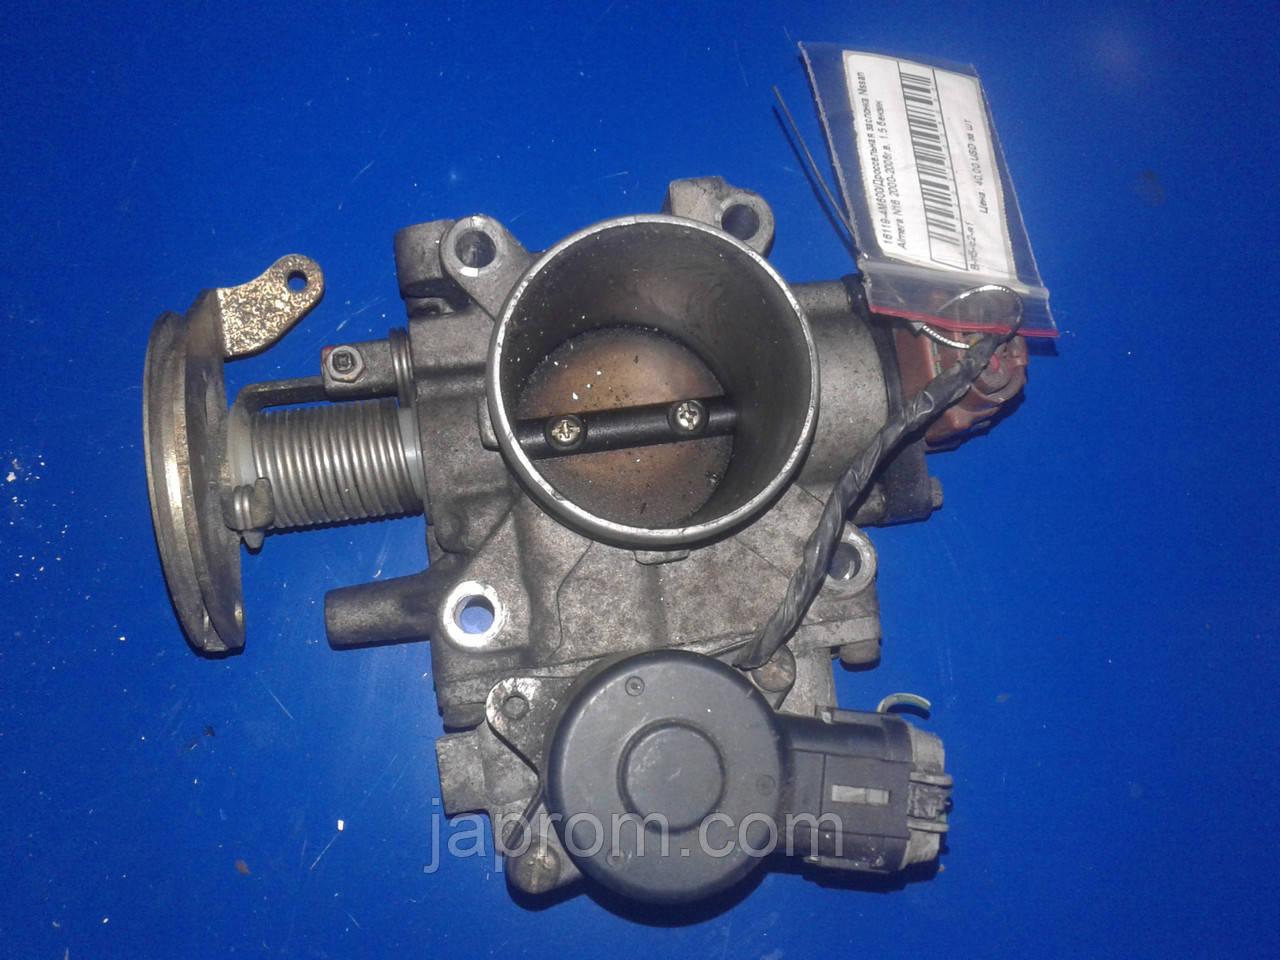 Дроссельная заслонка Nissan Almera N16 1.5 бензин QG 15